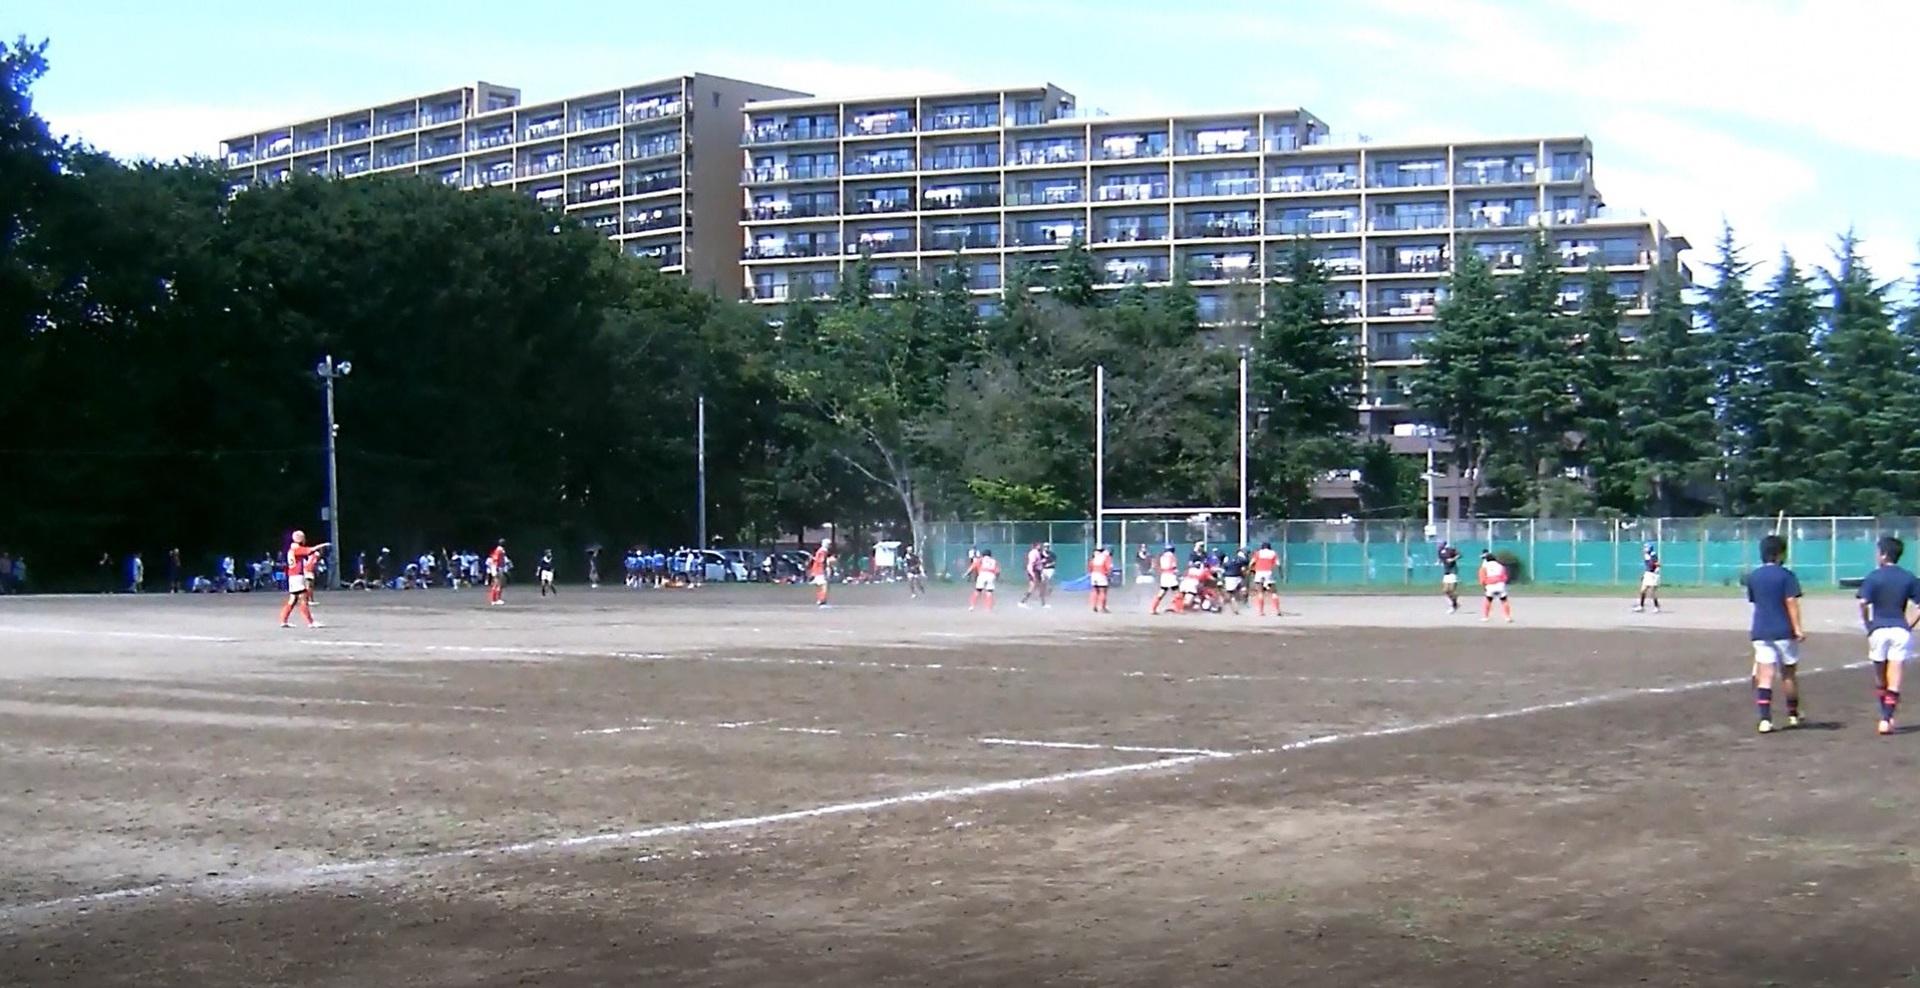 志木 慶応 慶應義塾志木高等学校開設75年事業